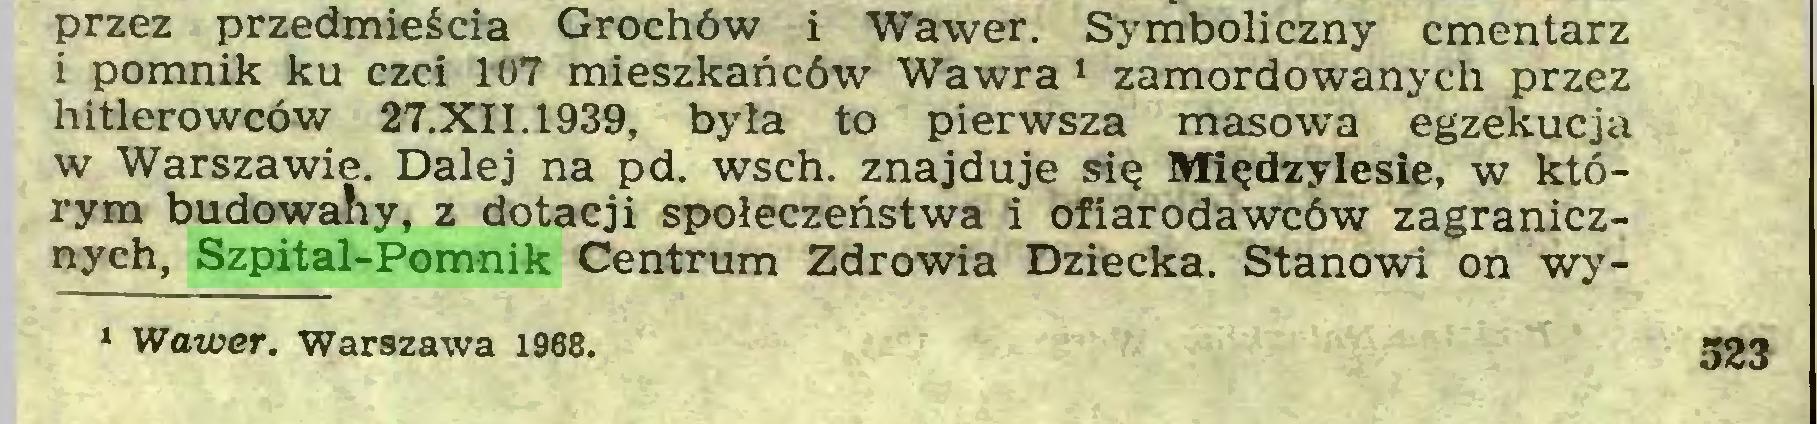 (...) przez przedmieścia Grochów i Wawer. Symboliczny cmentarz i pomnik ku czci 107 mieszkańców Wawra 1 zamordowanych przez hitlerowców 27.XII.1939, była to pierwsza masowa egzekucja w Warszawie. Dalej na pd. wsch. znajduje się Międzylesie, w którym budowany, z dotacji społeczeństwa i ofiarodawców zagranicznych, Szpital-Pomnik Centrum Zdrowia Dziecka. Stanowi on wy* Wawer. Warszawa 1968. 523...